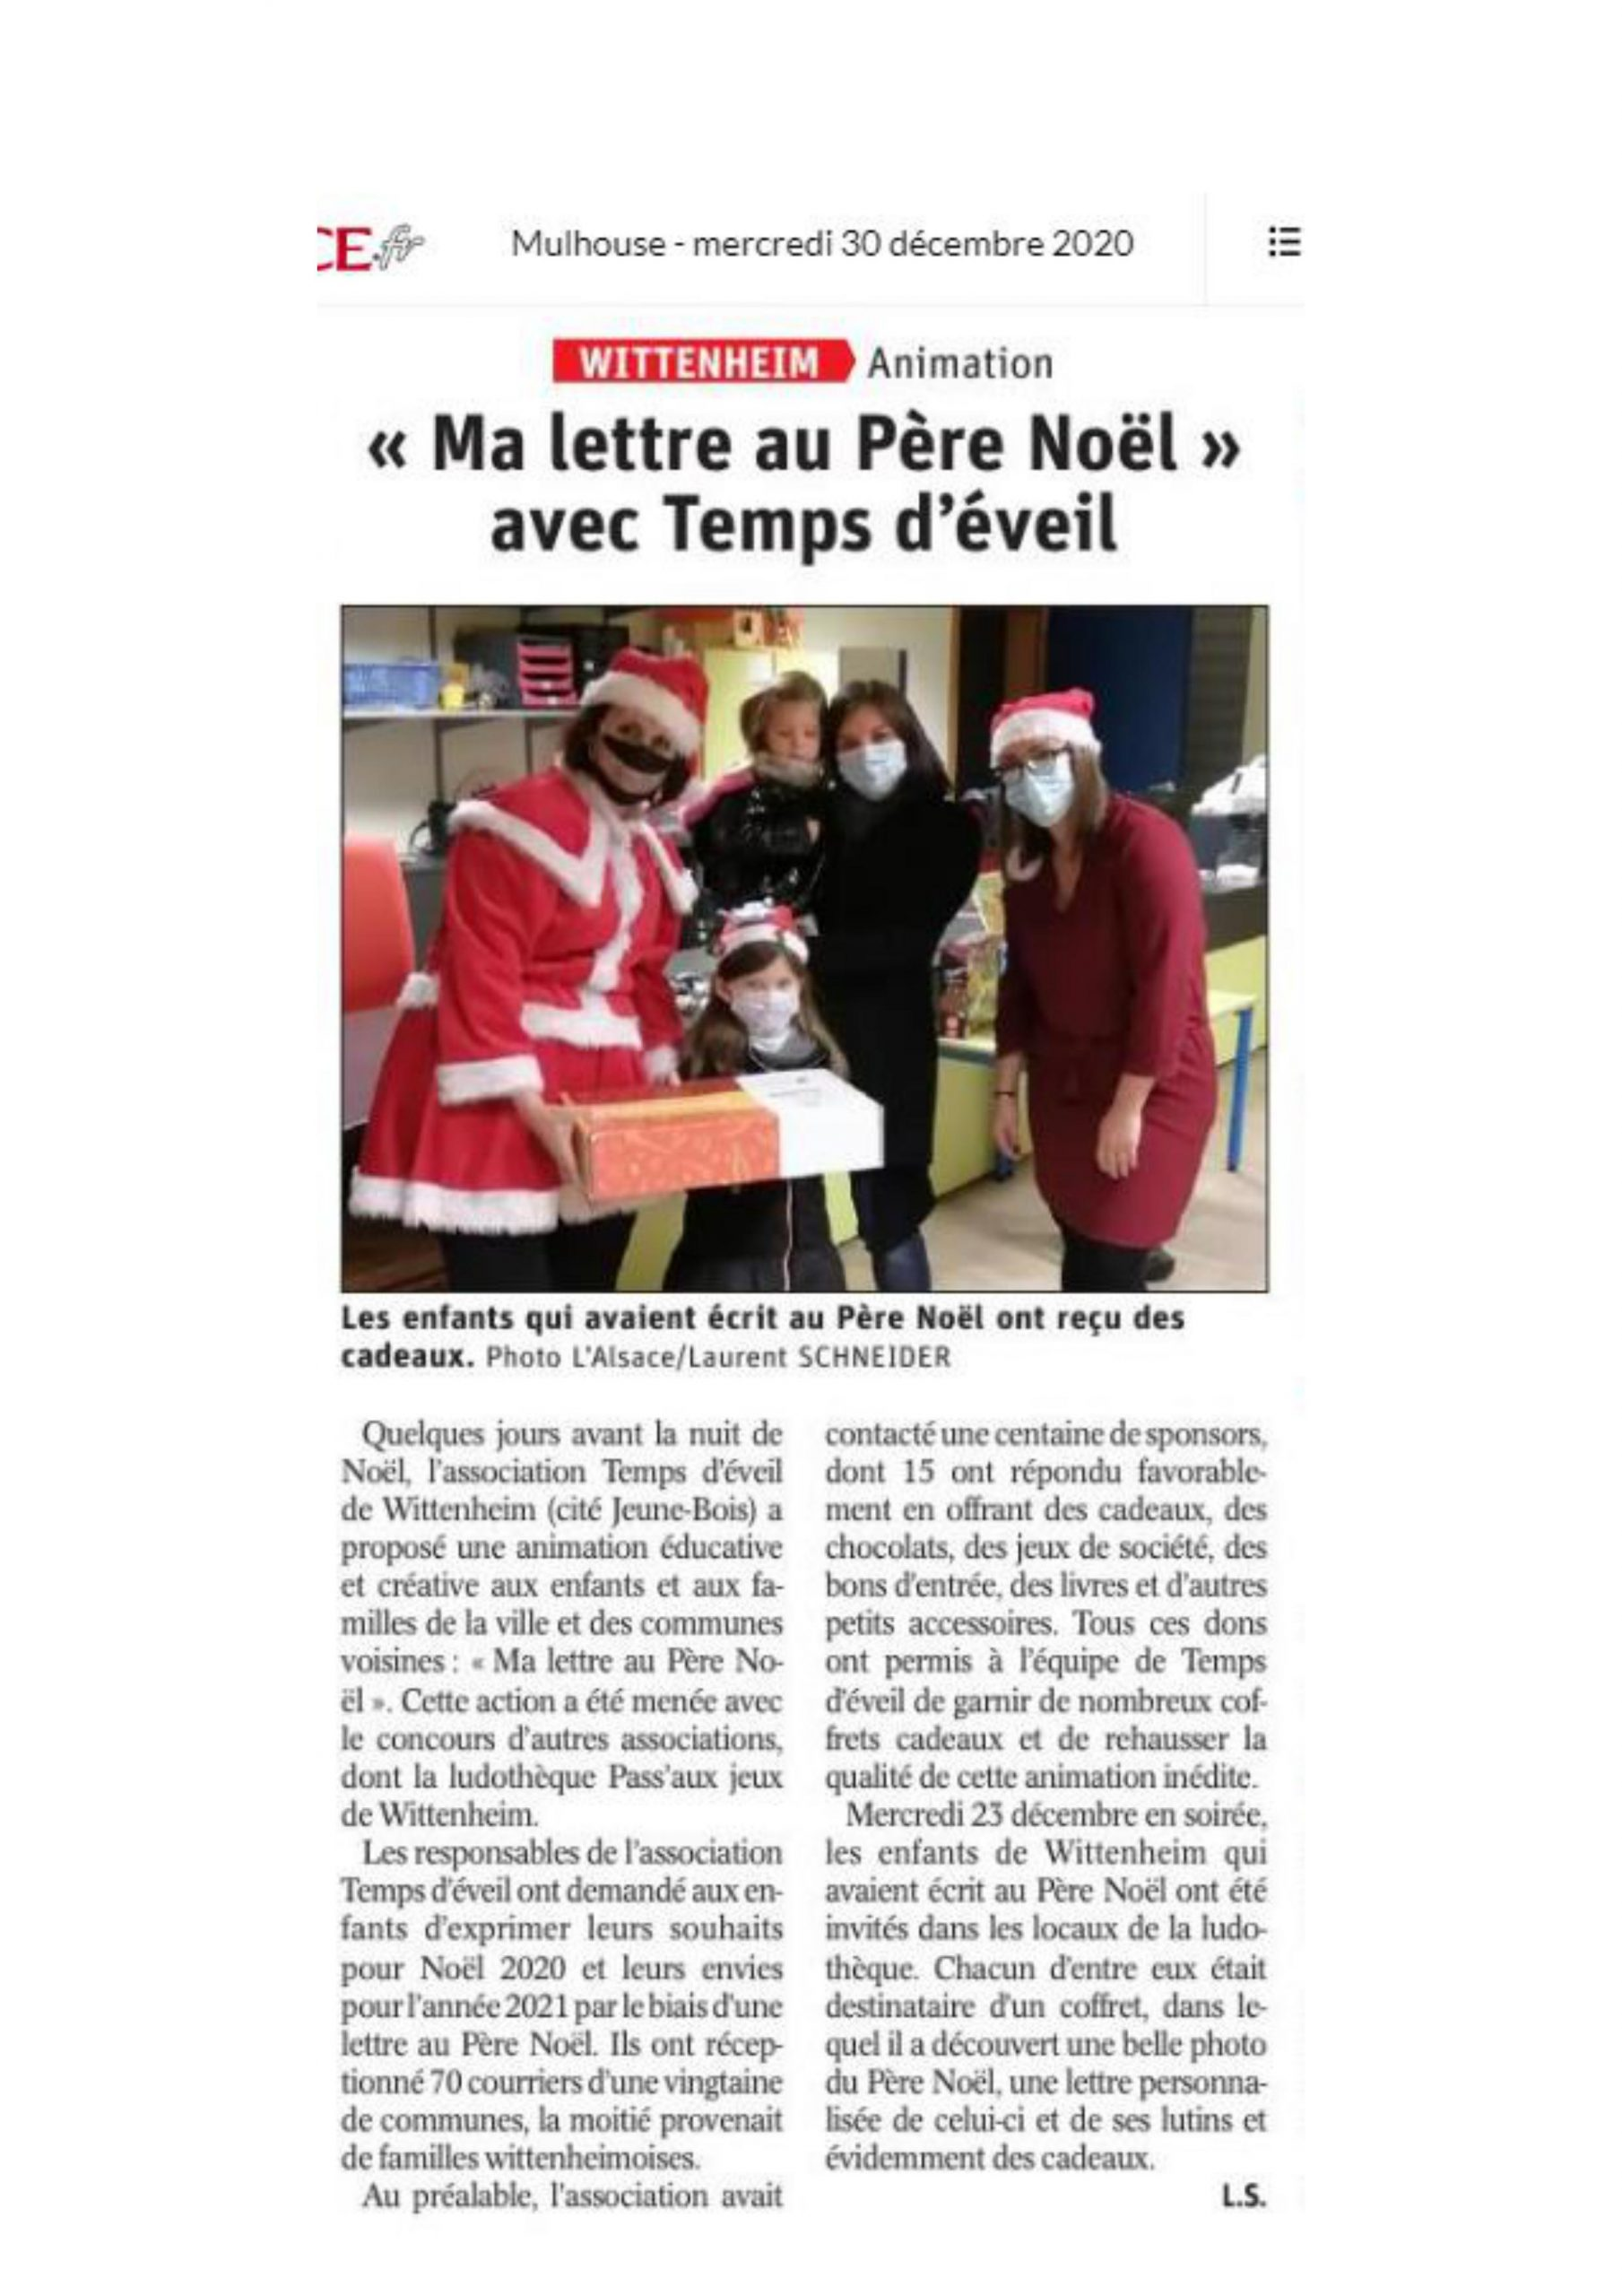 article-de-presse- ma-lettre-au-pere-noel-wittenheim-2020